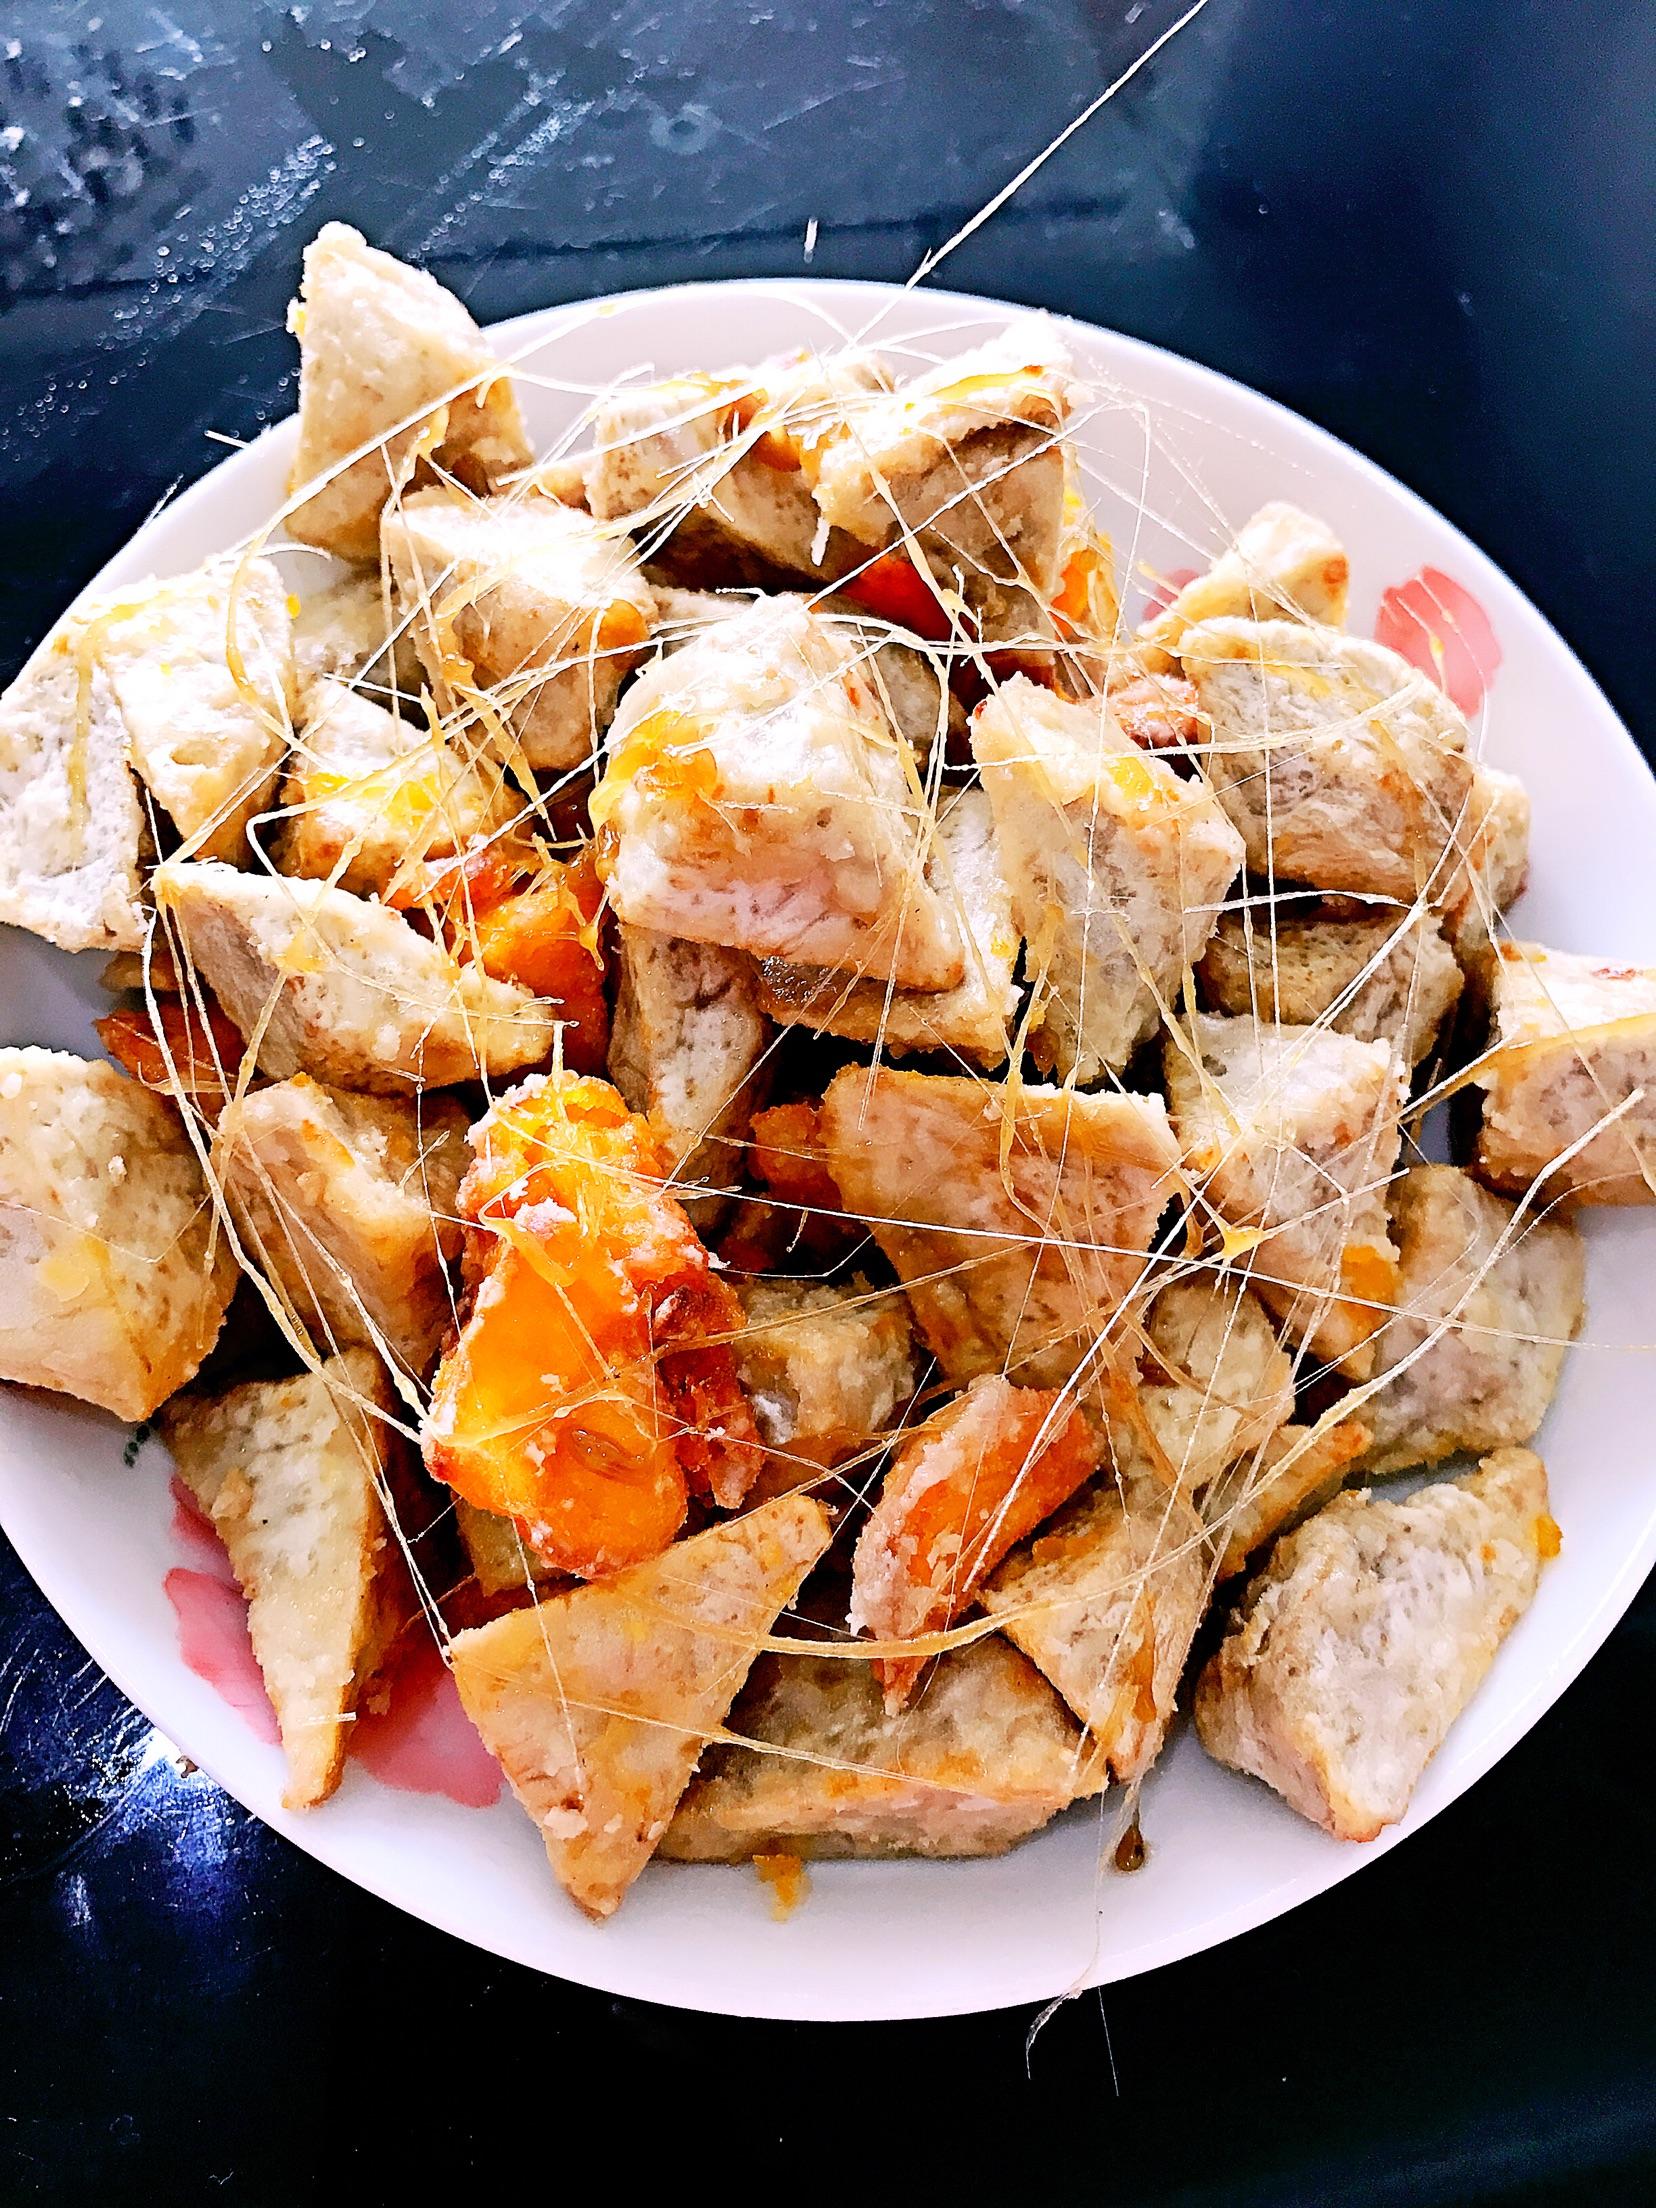 麻 婆 豆腐 カロリー 麻婆豆腐はお婆さんが作った料理?その由来とは